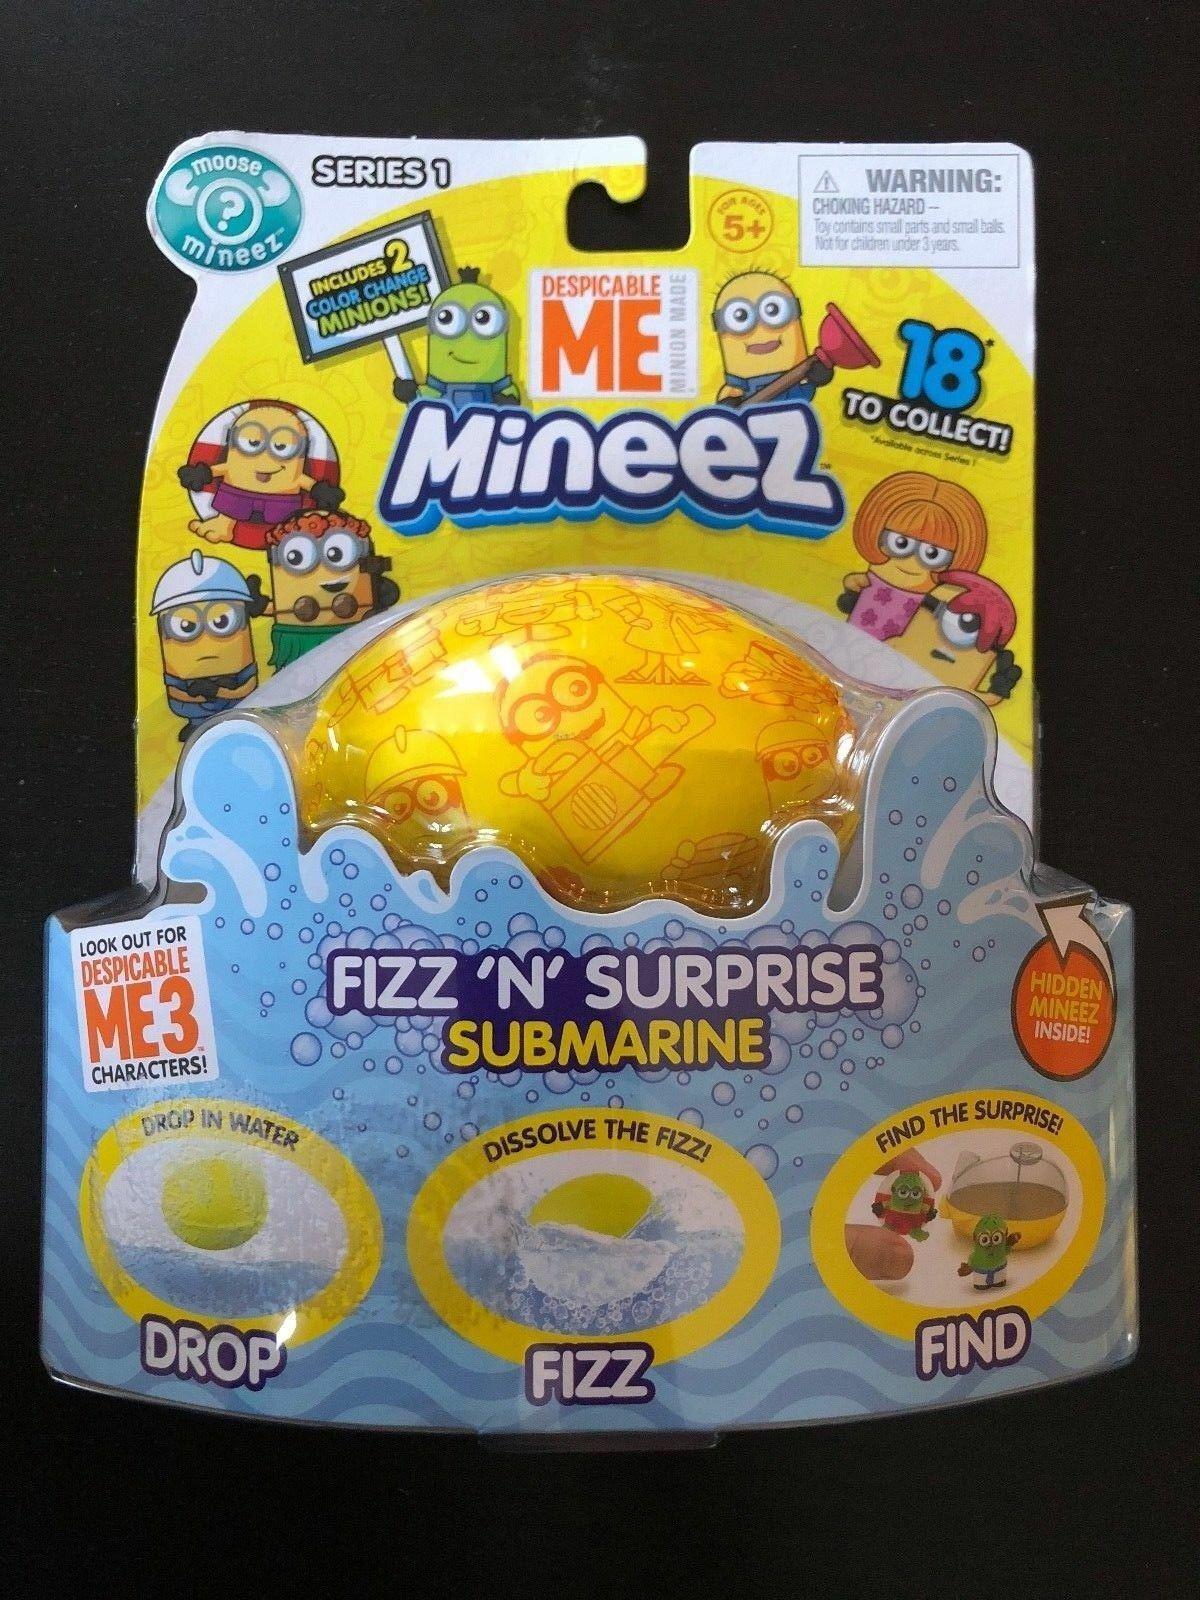 Despicable Me Mineez Fizz /'N/' Surprise Submarine